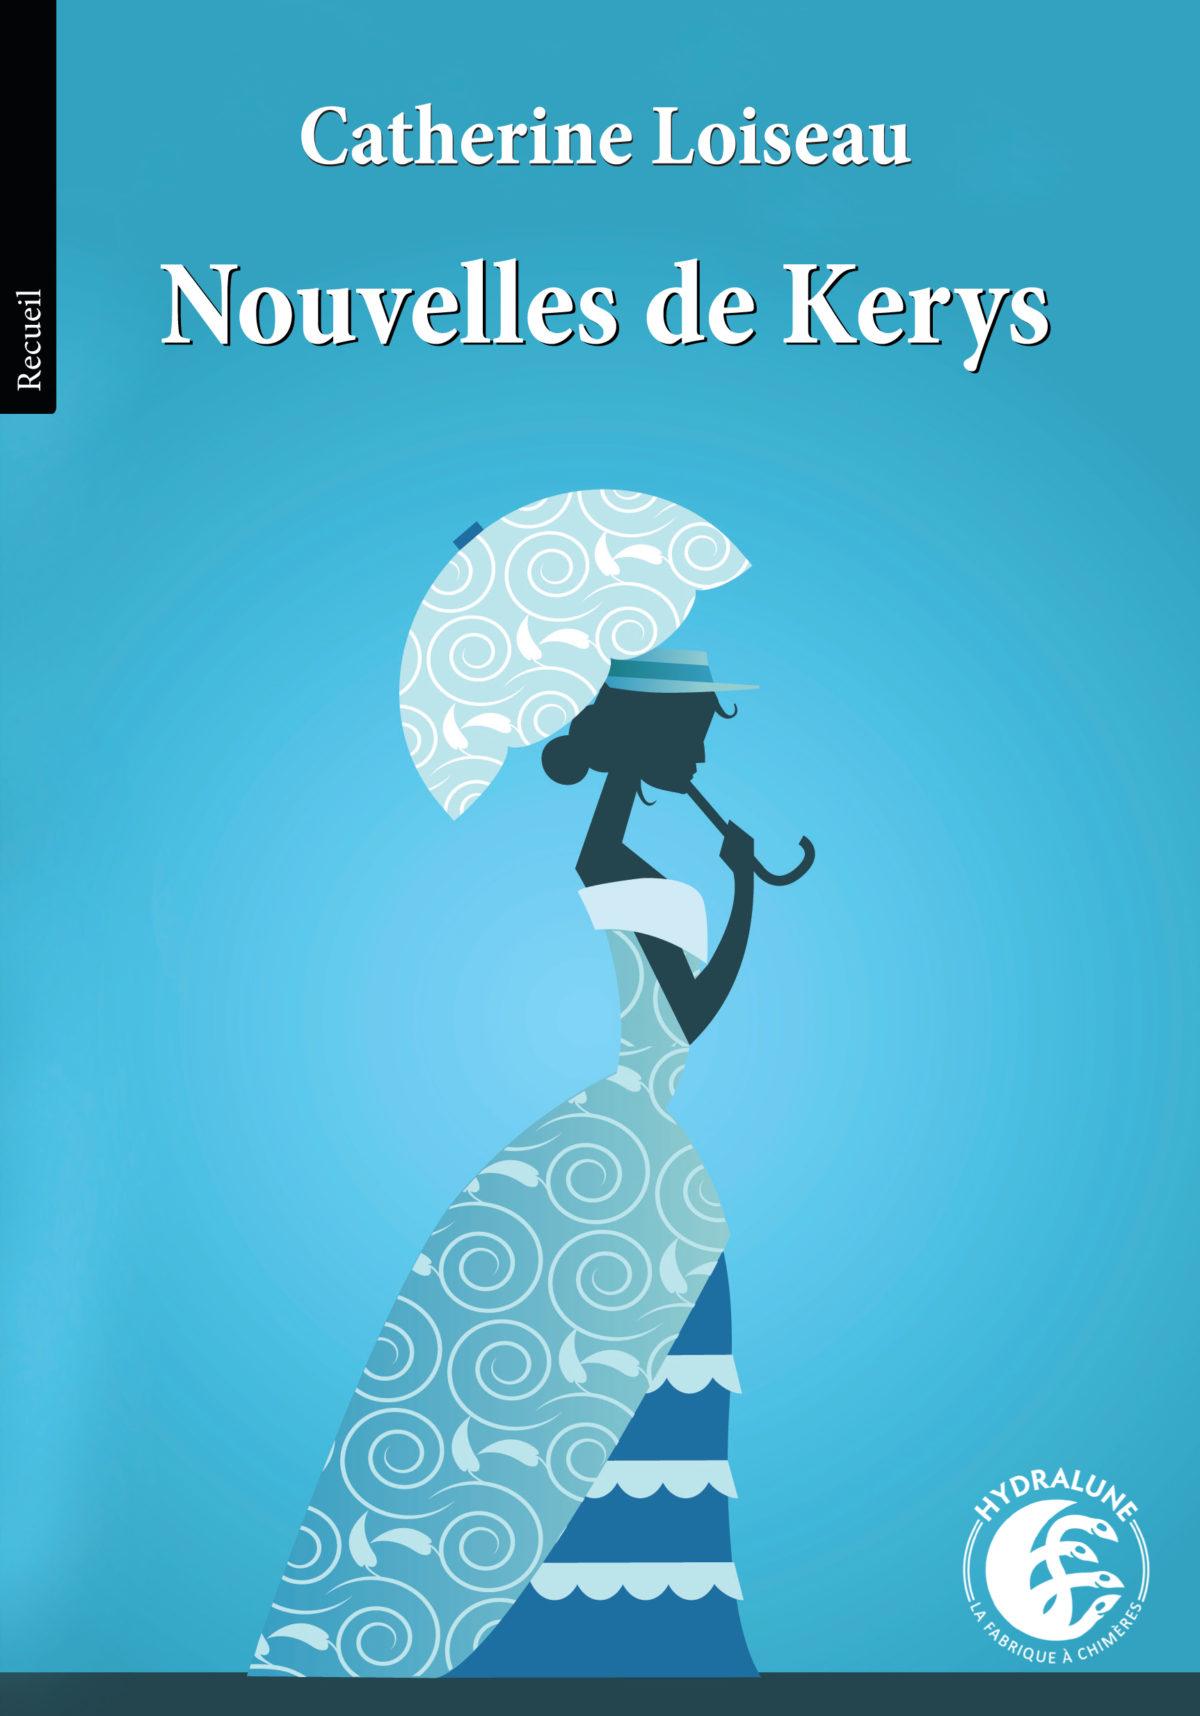 Sortie de la version papier de Nouvelles de Kerys, de Catherine Loiseau